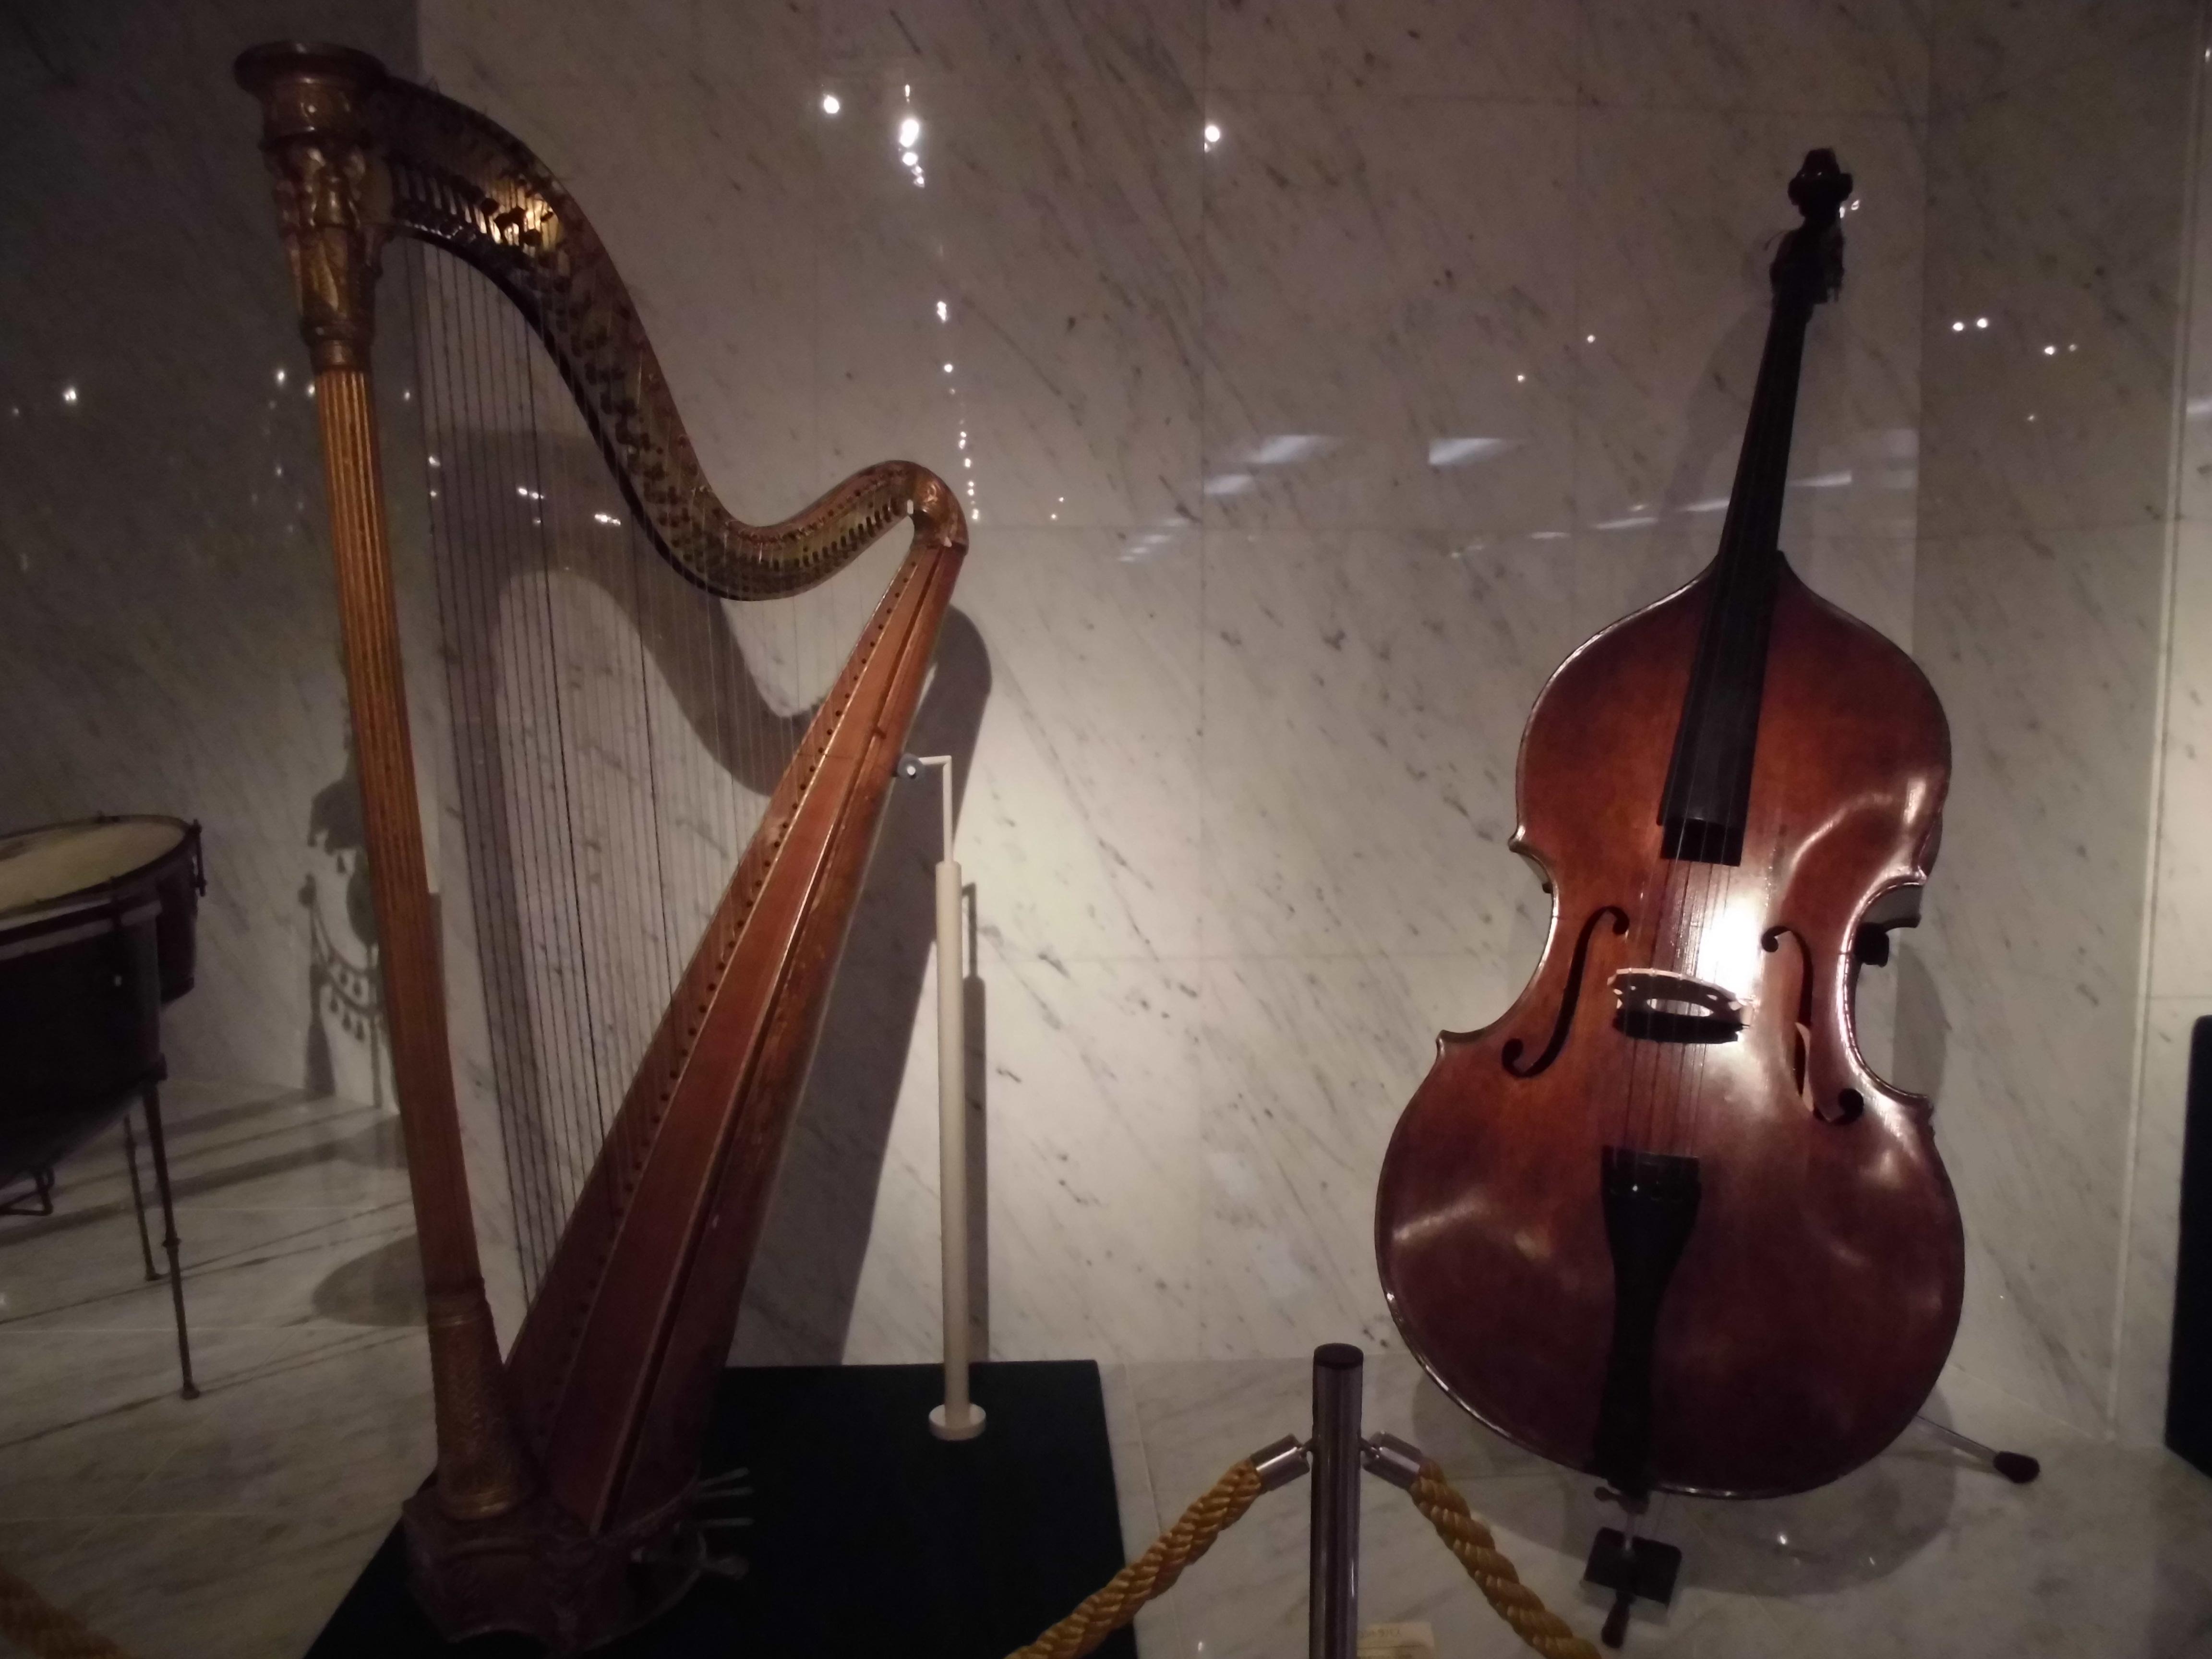 世界各国の楽器が惜しみなく見れる場所!!音楽好きなら行ってみよう。【浜松市楽器博物館に行ってきました。by-VEGETAPSY】